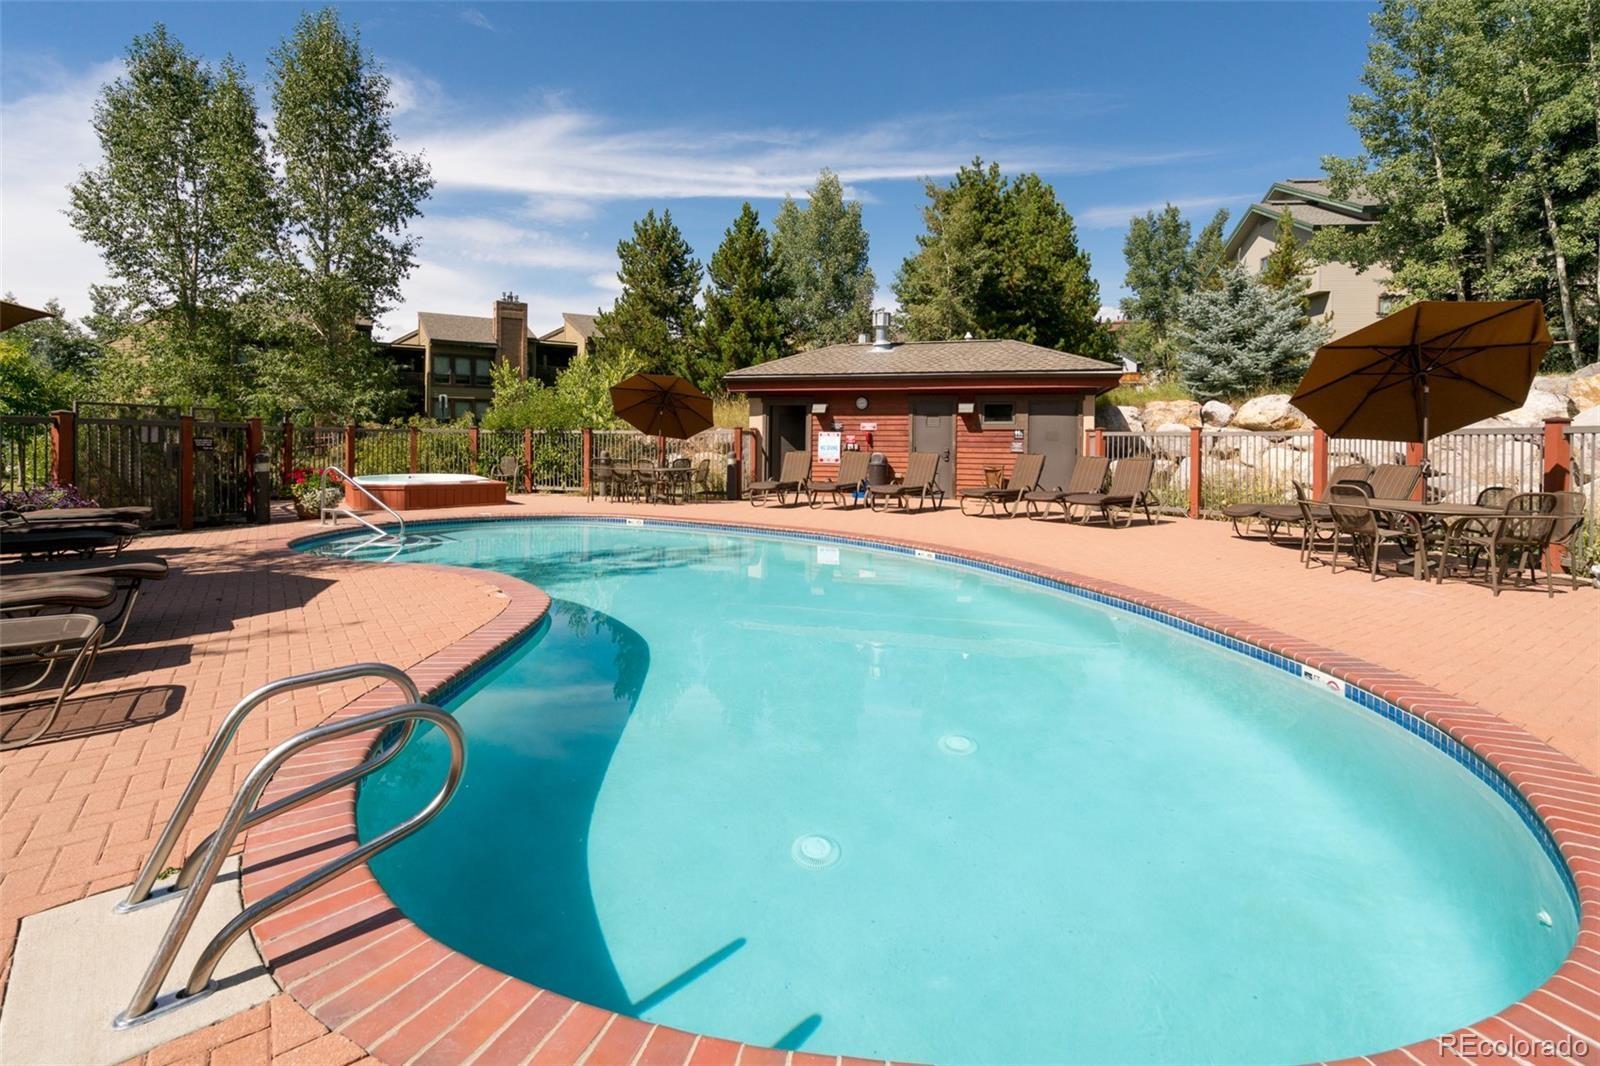 MLS# 7592425 - 3 - 1800 Medicine Springs Drive #5305, Steamboat Springs, CO 80487